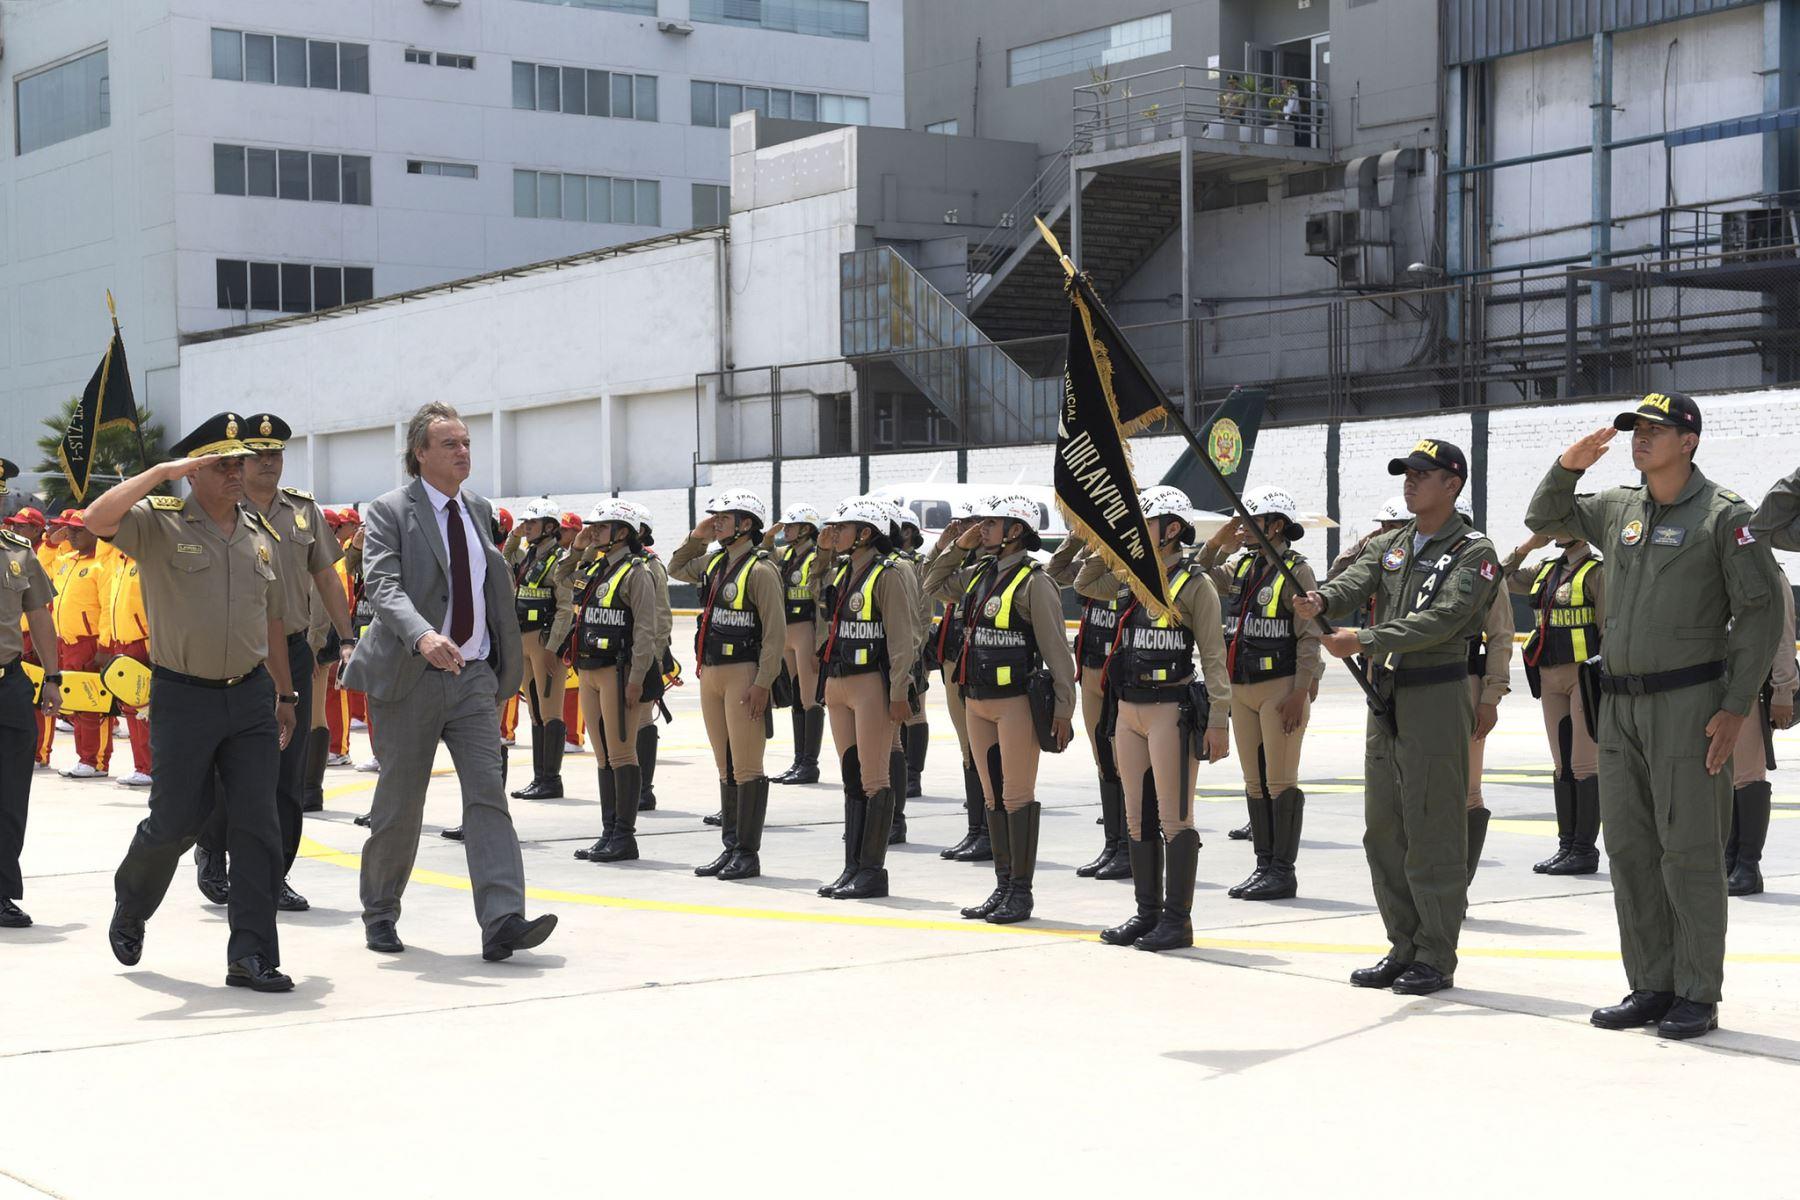 Durante 33 aniversario de la Aviación Policial, ministro Carlos Basombrío anunció la creación de la Unidad de Drones para fortalecer acciones de seguridad ciudadana.